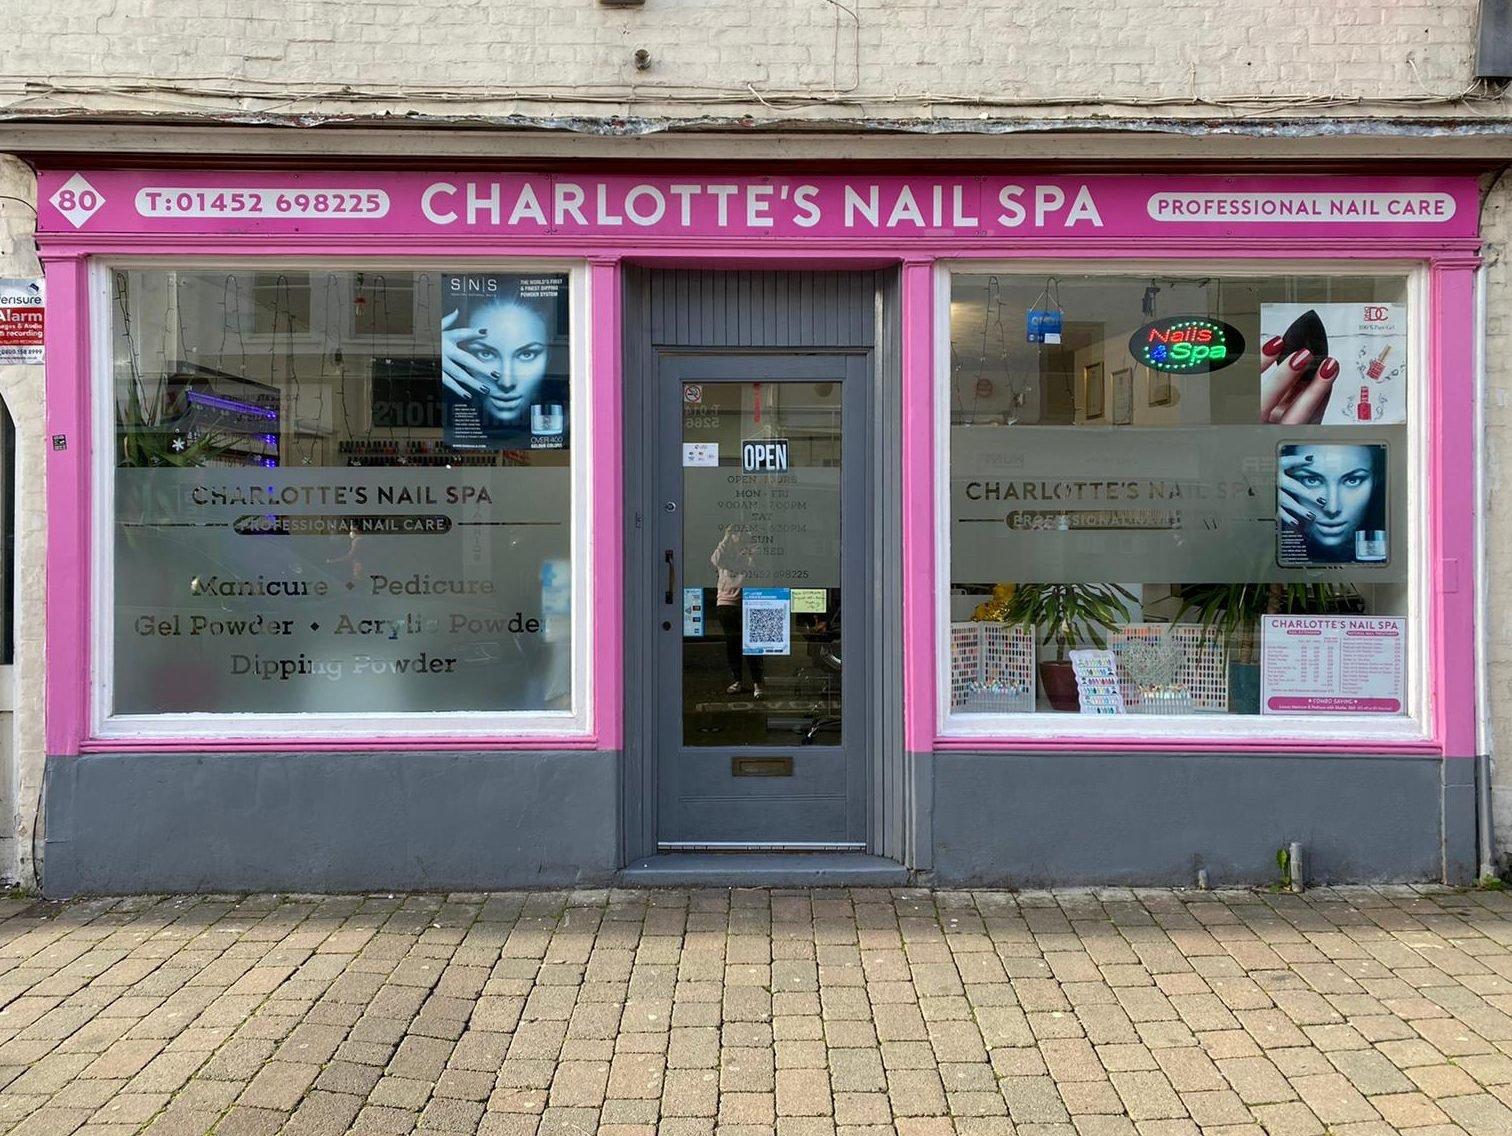 charlottes-nail-spa-shop-front-1610-1